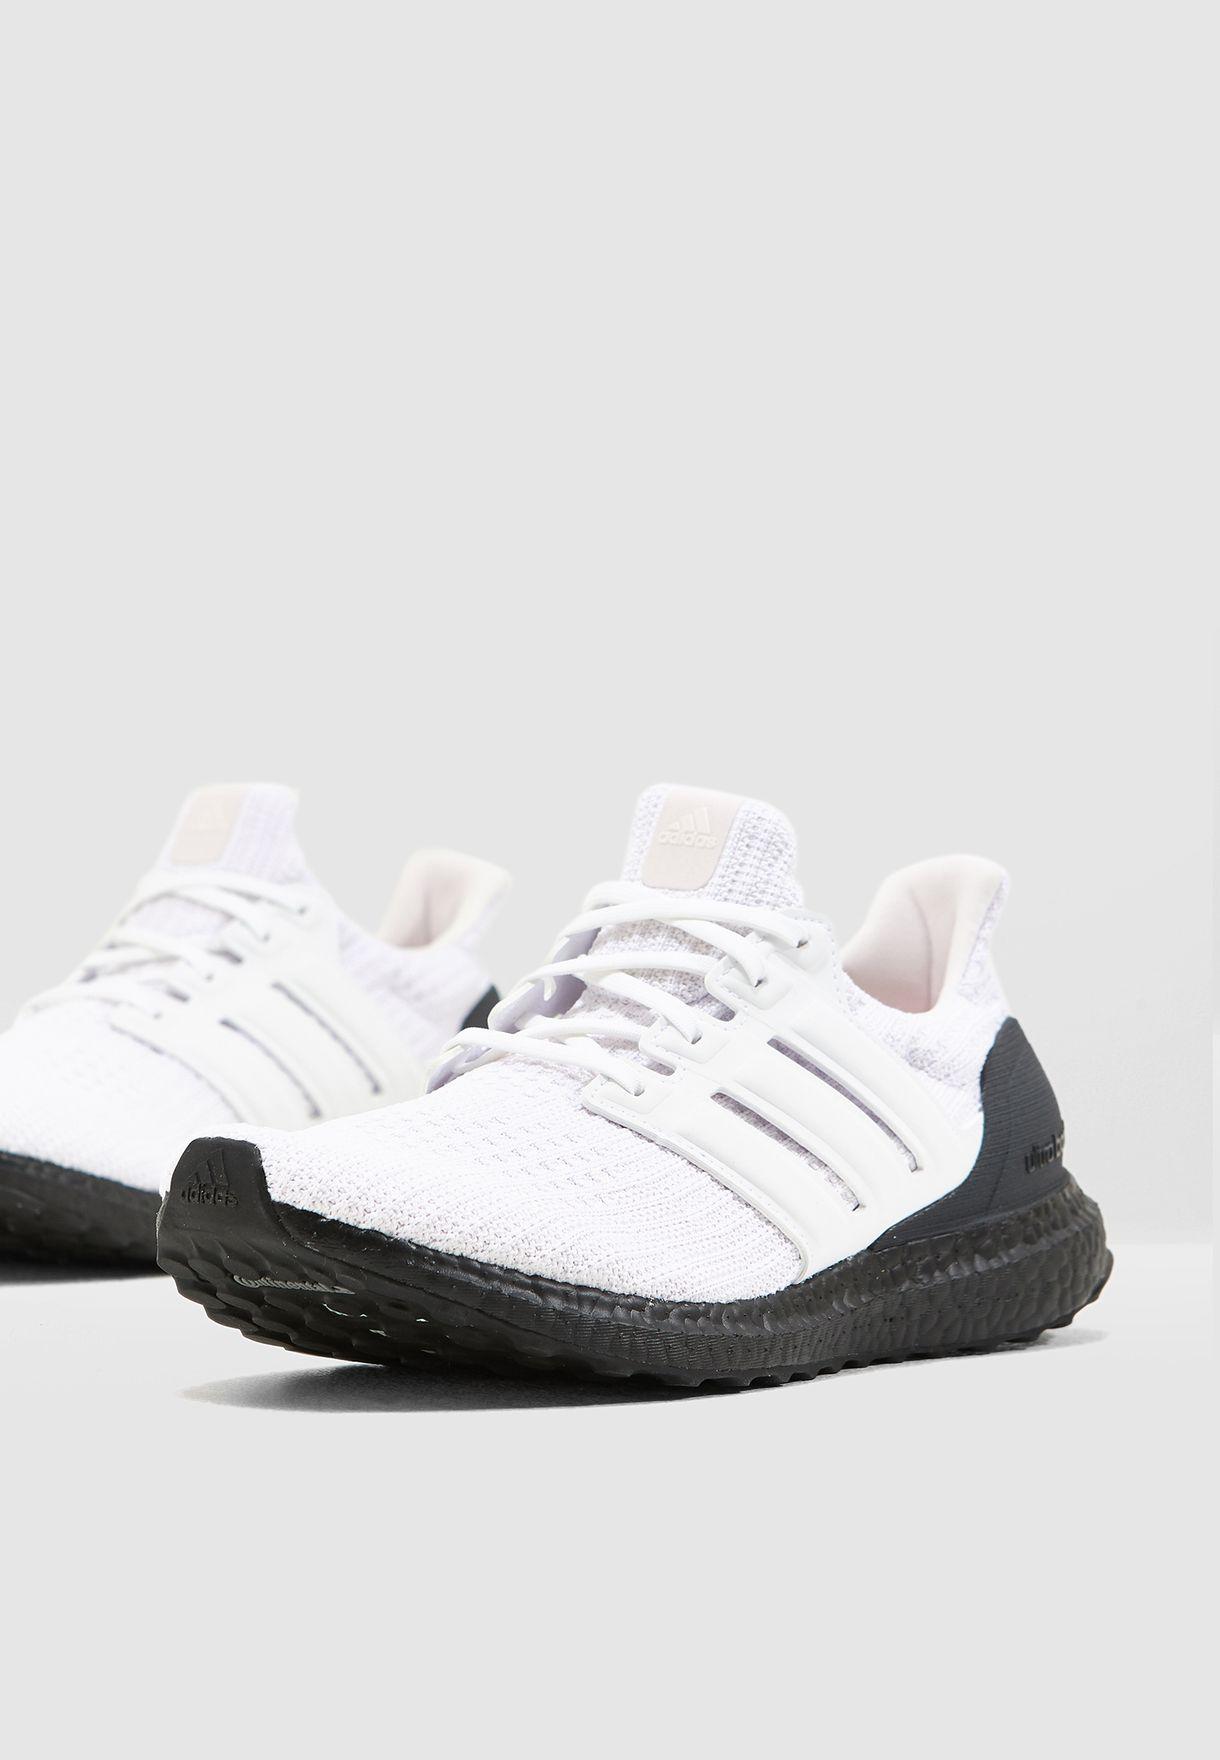 e8e92a3519d26 تسوق حذاء الترا بوست ماركة اديداس لون أبيض DB3197 في السعودية ...